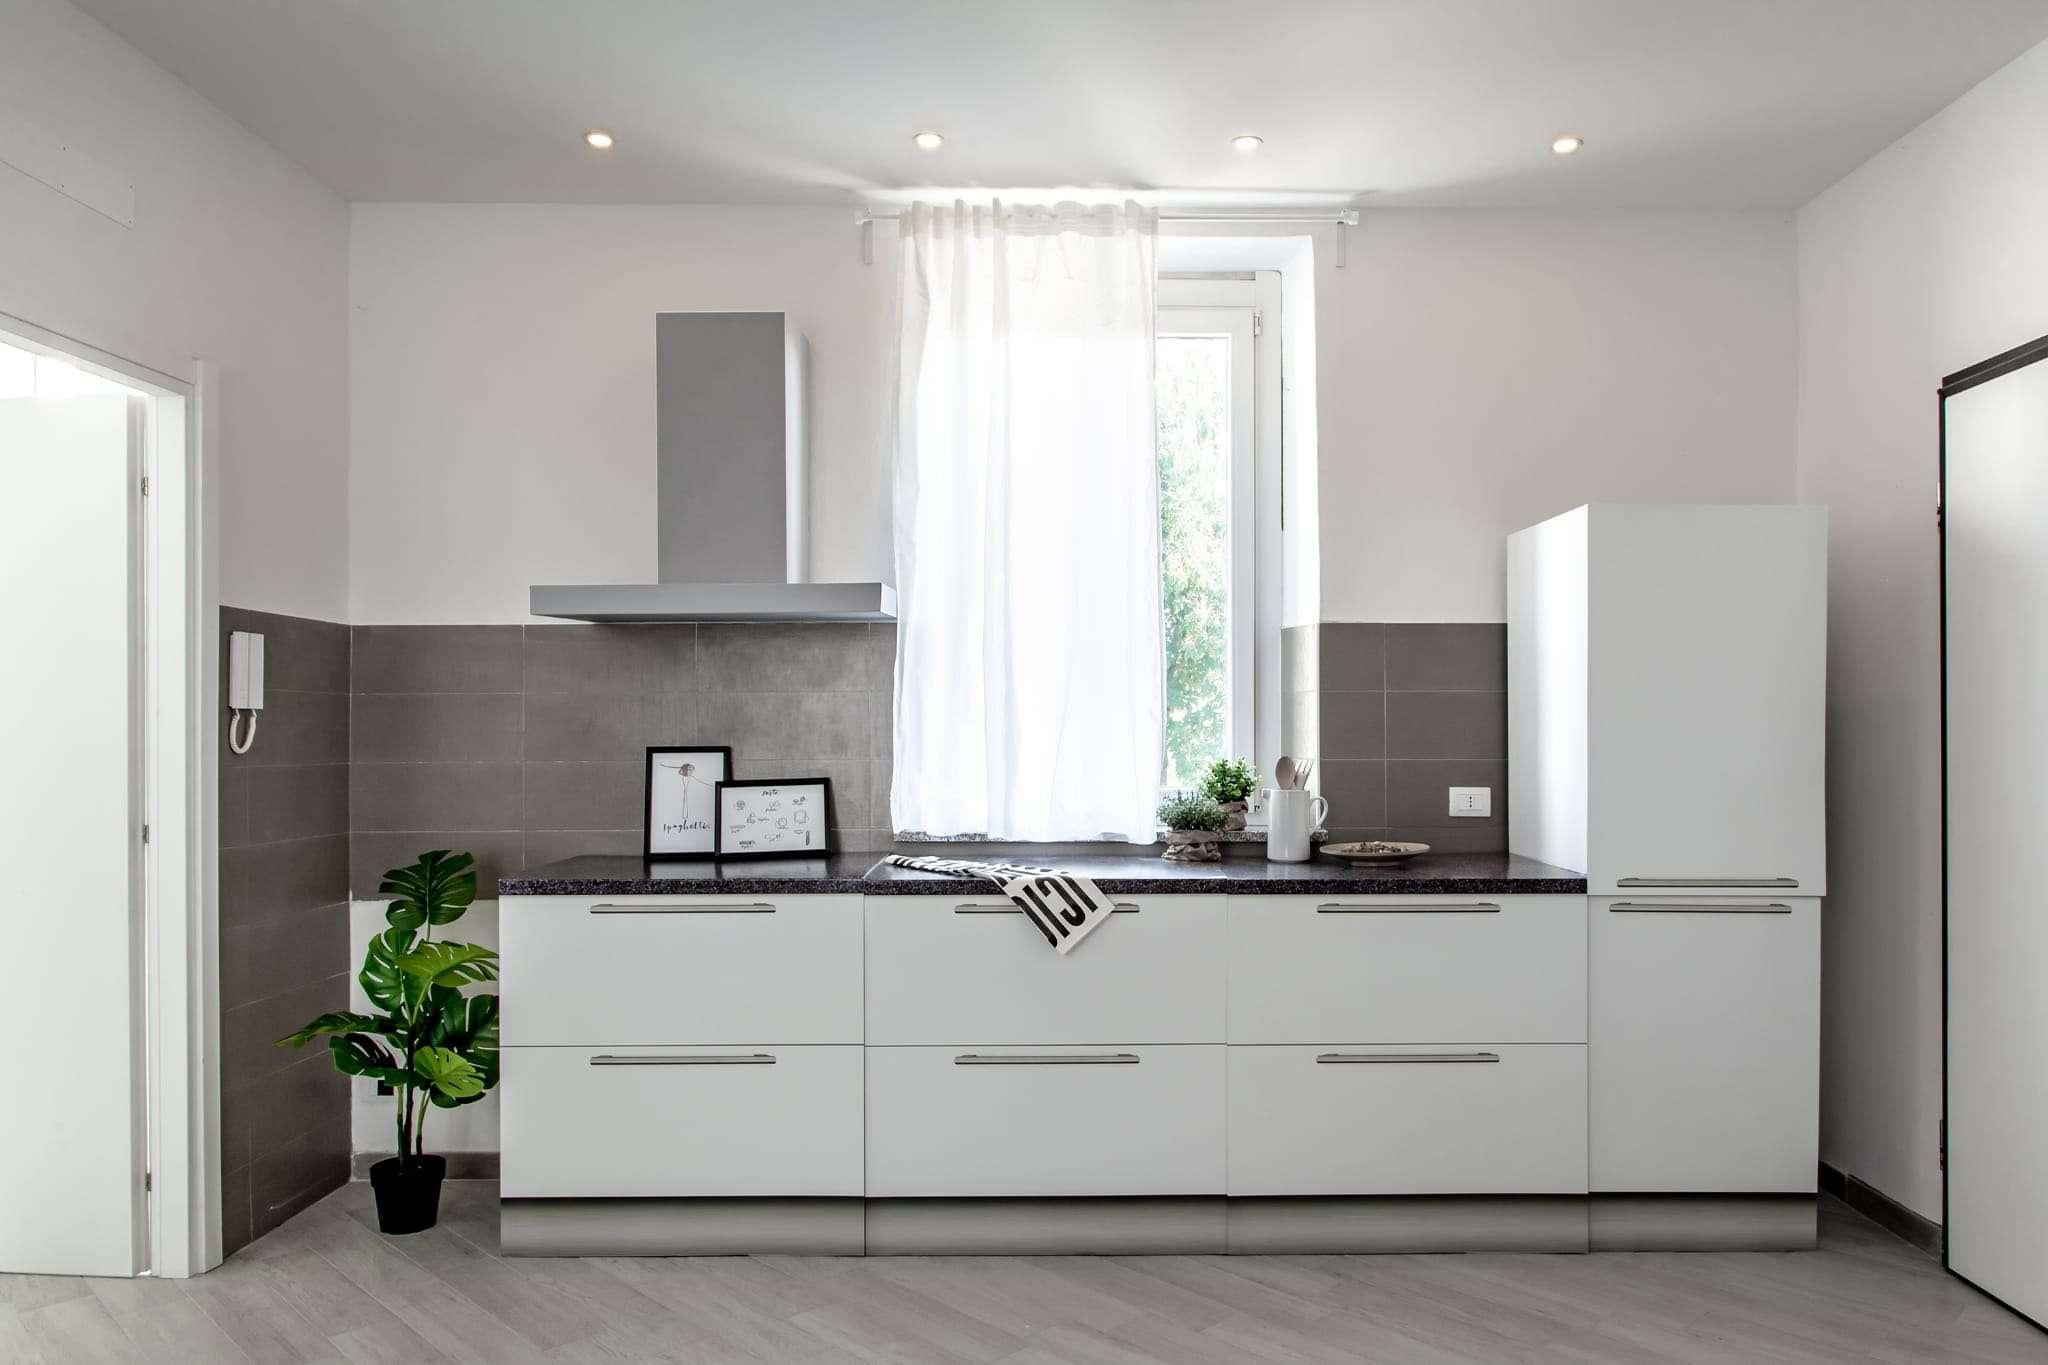 Appartamento in vendita a Bonate Sotto, 4 locali, prezzo € 90.000 | PortaleAgenzieImmobiliari.it